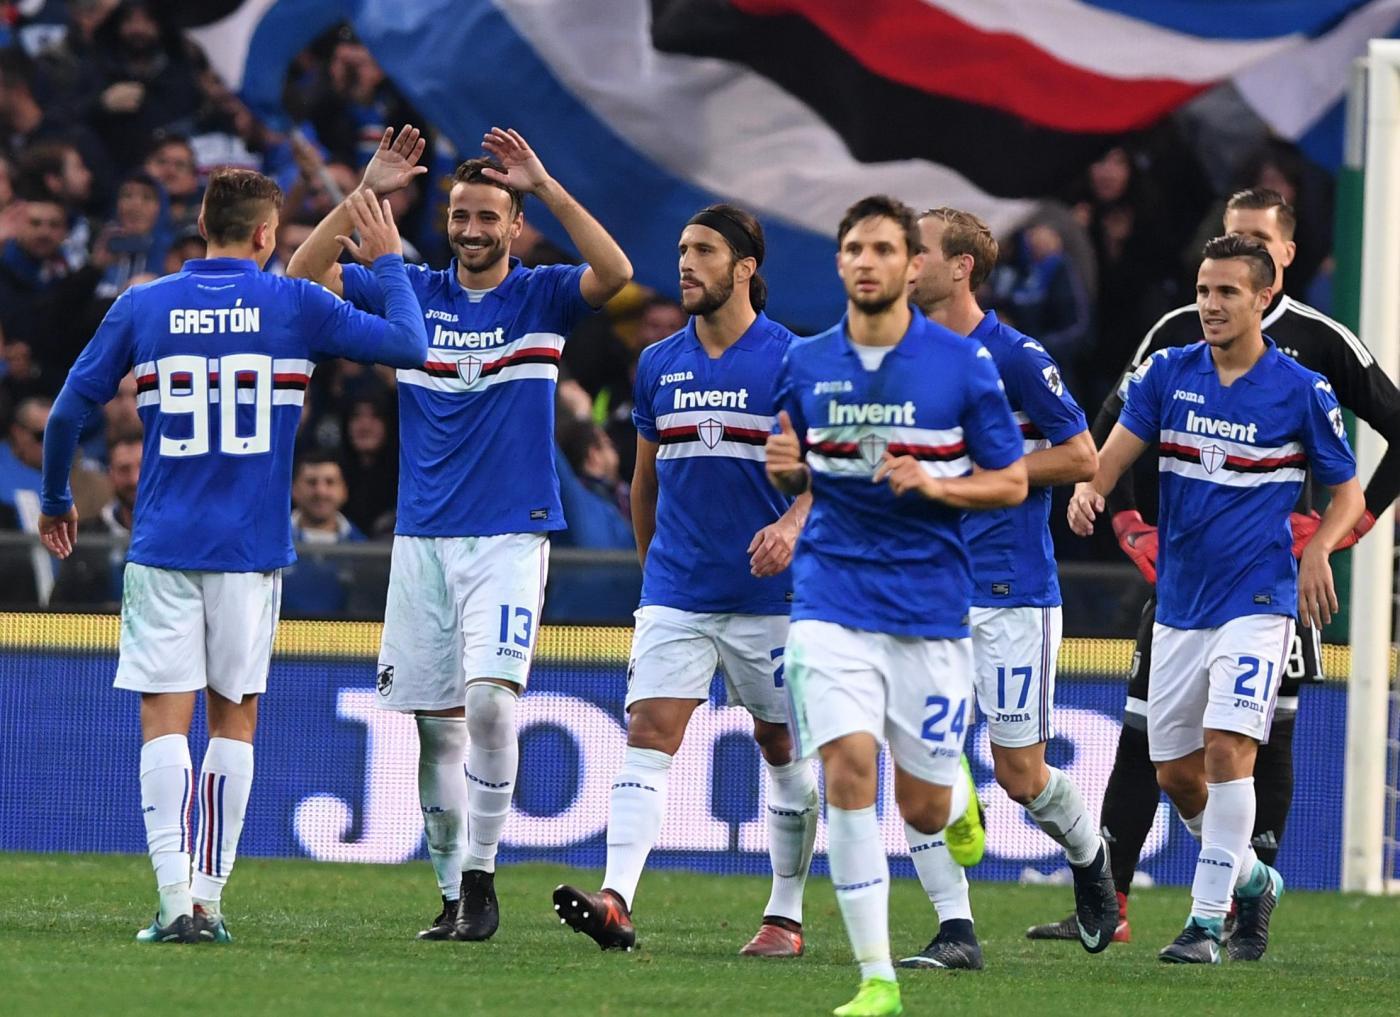 Sampdoria-Cagliari domenica 29 aprile, analisi e pronostico serie A